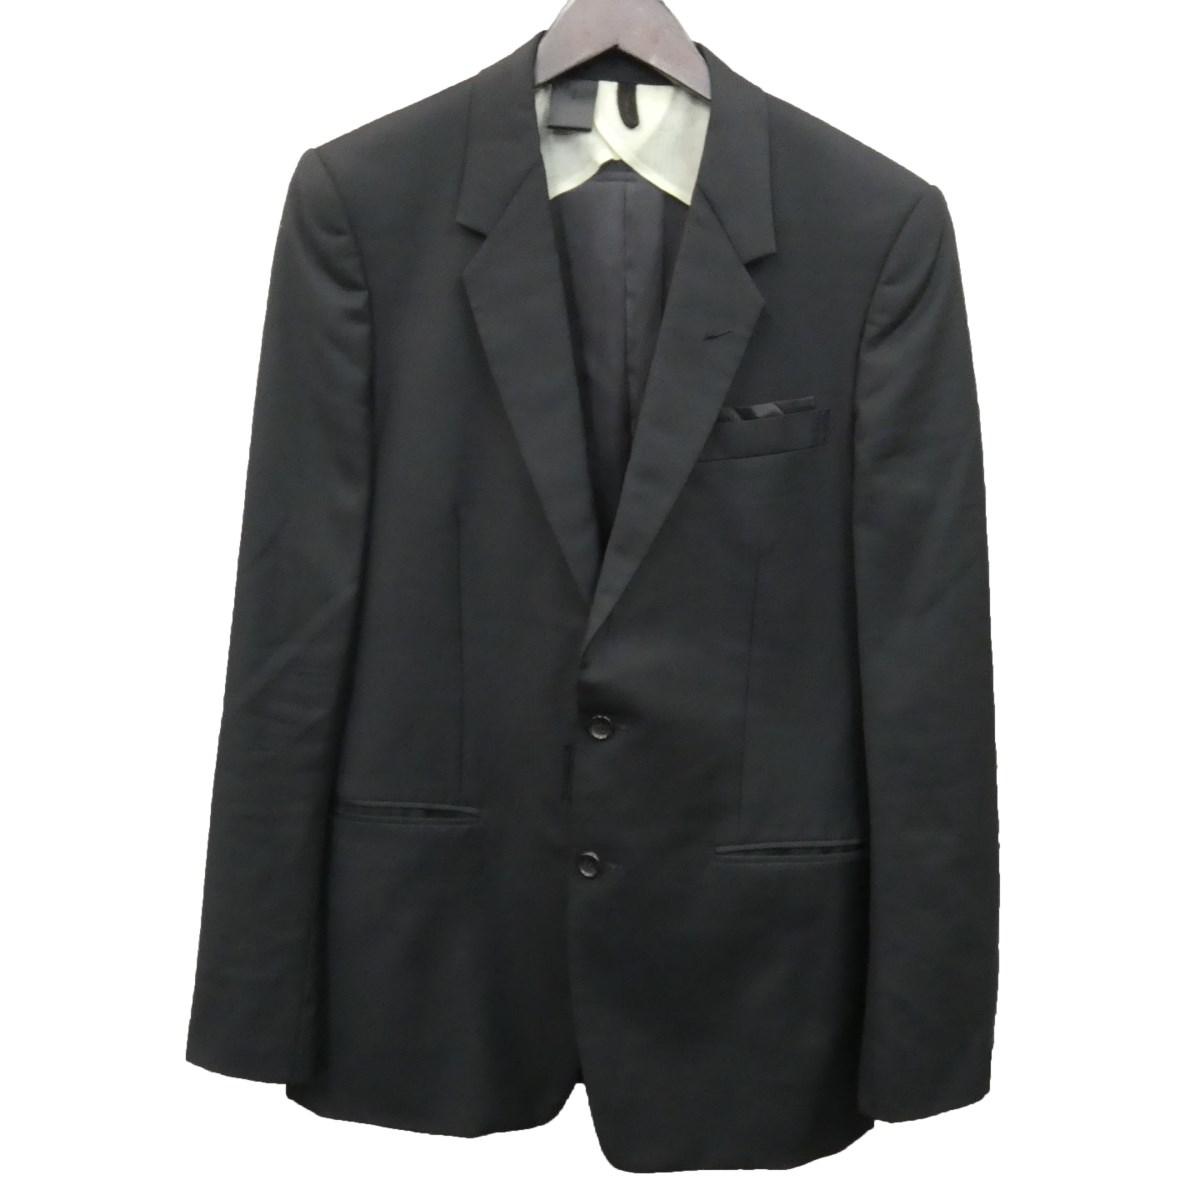 【中古】N.HOOLYWOODコンパイルライン テーラードジャケット ブラック サイズ:38 【3月30日見直し】